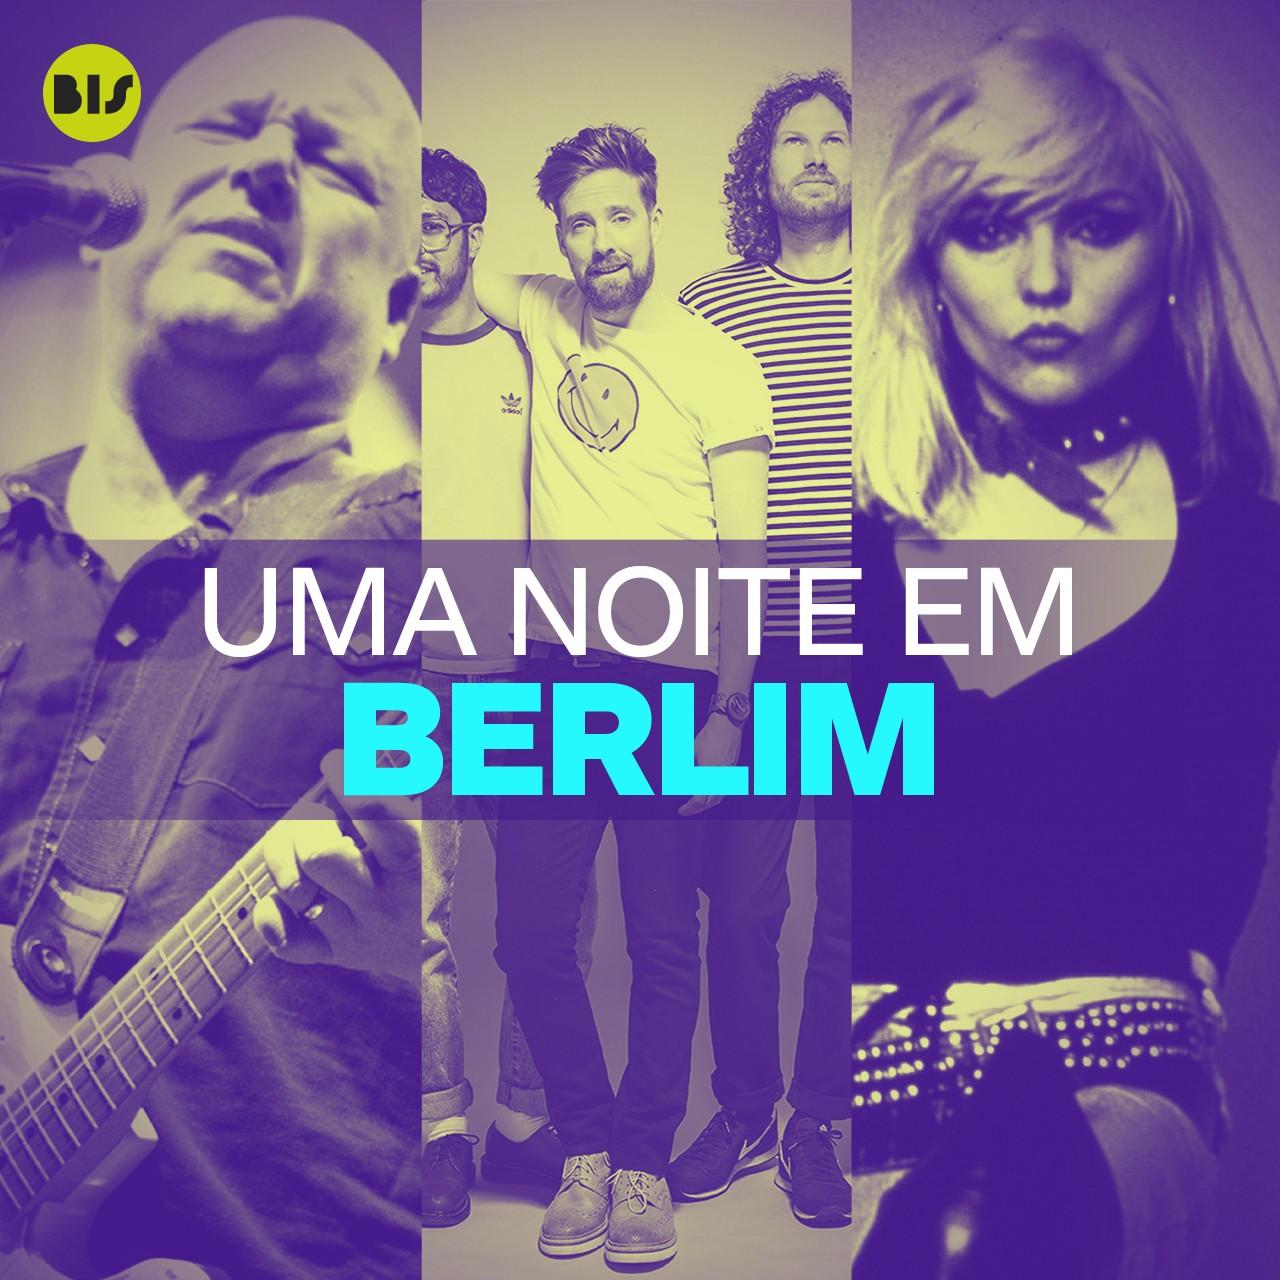 'Uma noite em Berlim' traz os sons das bandas que passam pelo Berlin Live, como Pixies, Kayser Chiefs, Blondie e muito mais (Foto: Canal Bis)